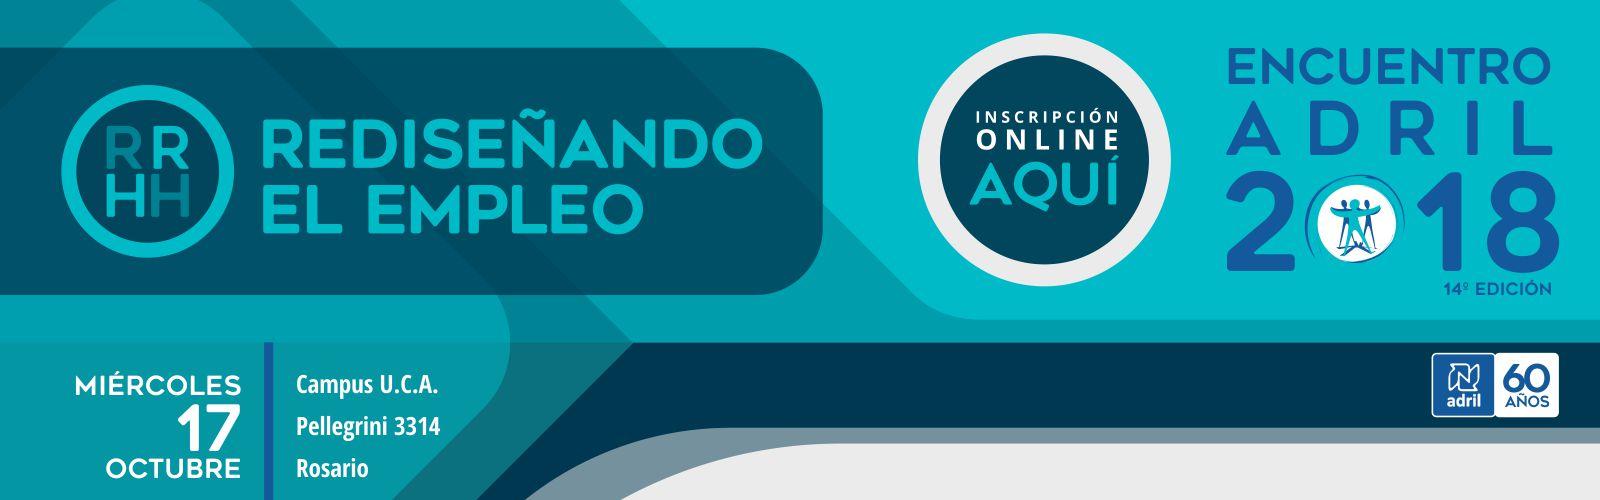 EncuentroADRIL2018